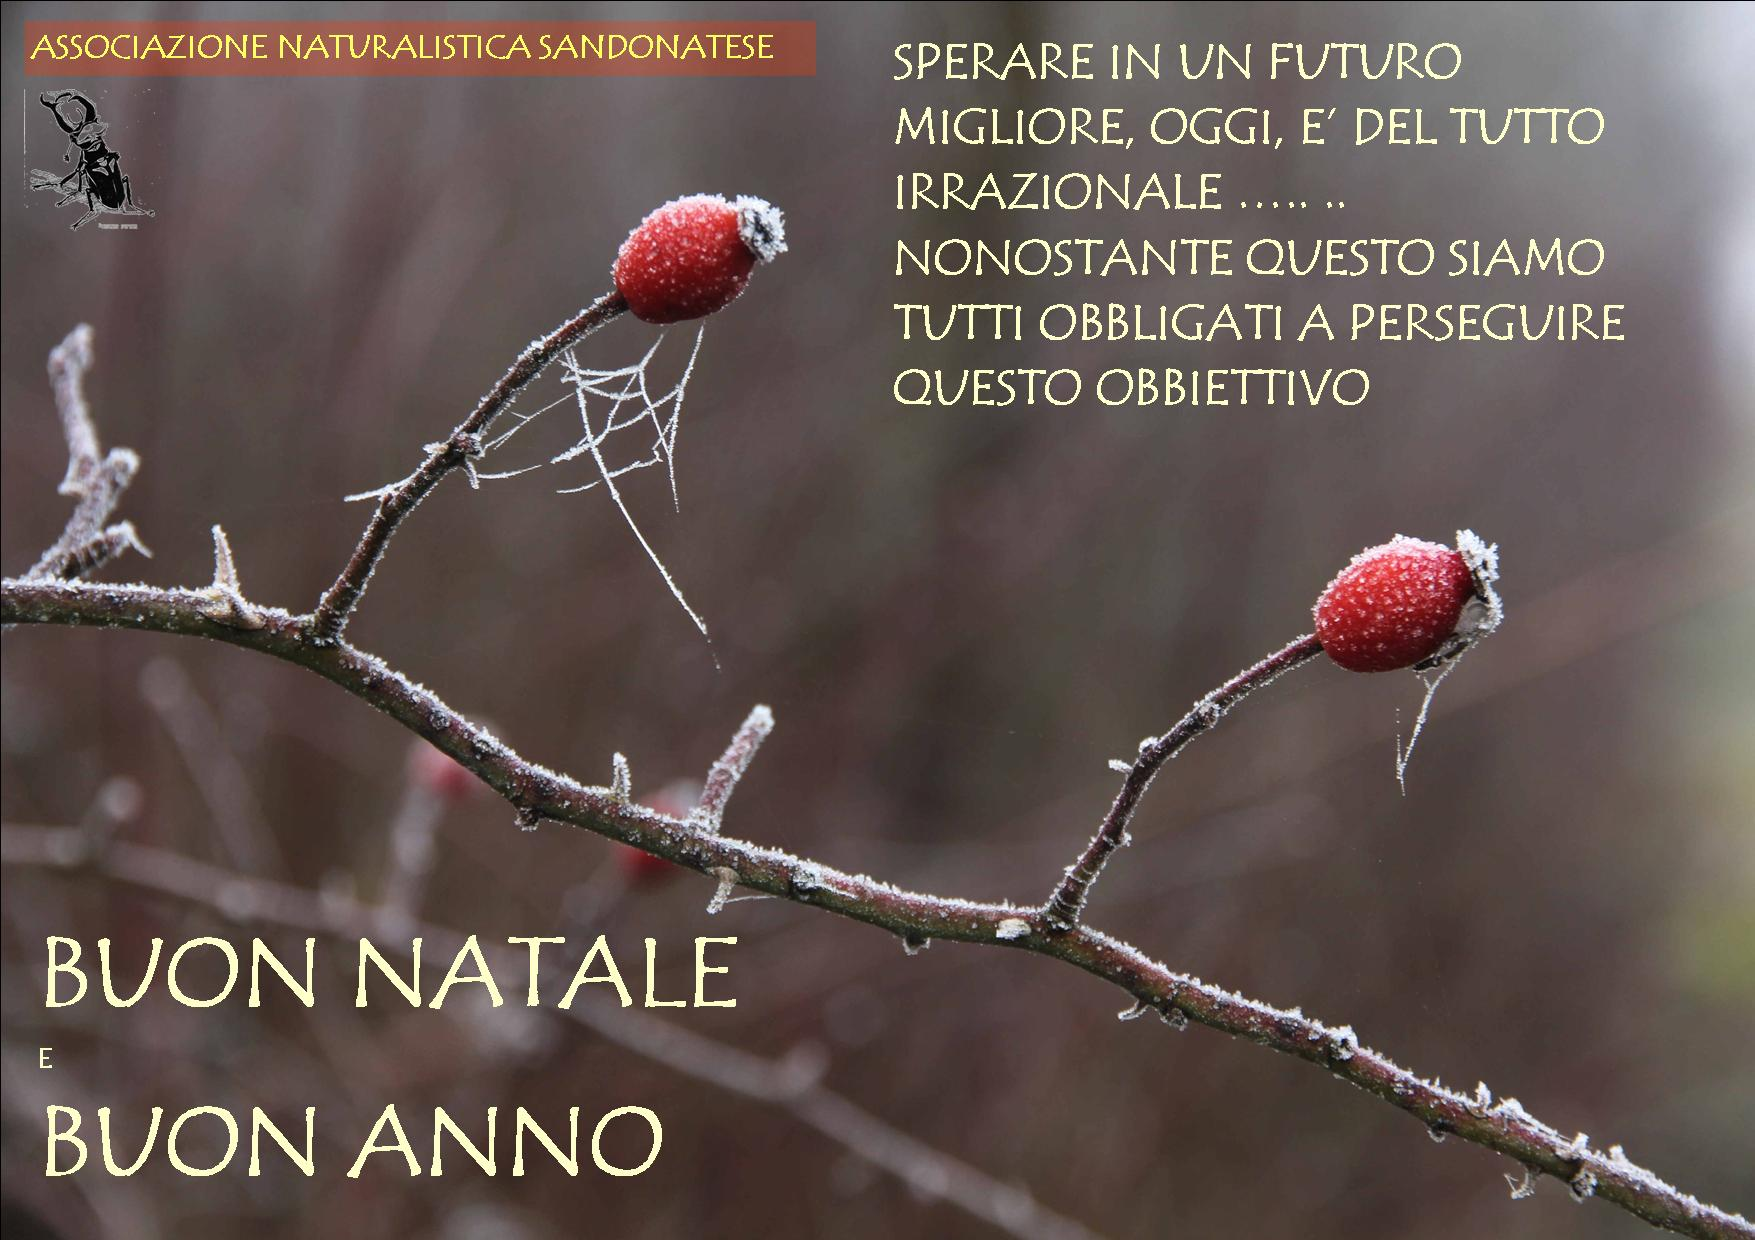 AUGURI!!! - SPERARE IN UN FUTURO MIGLIORE- Michele Zanetti